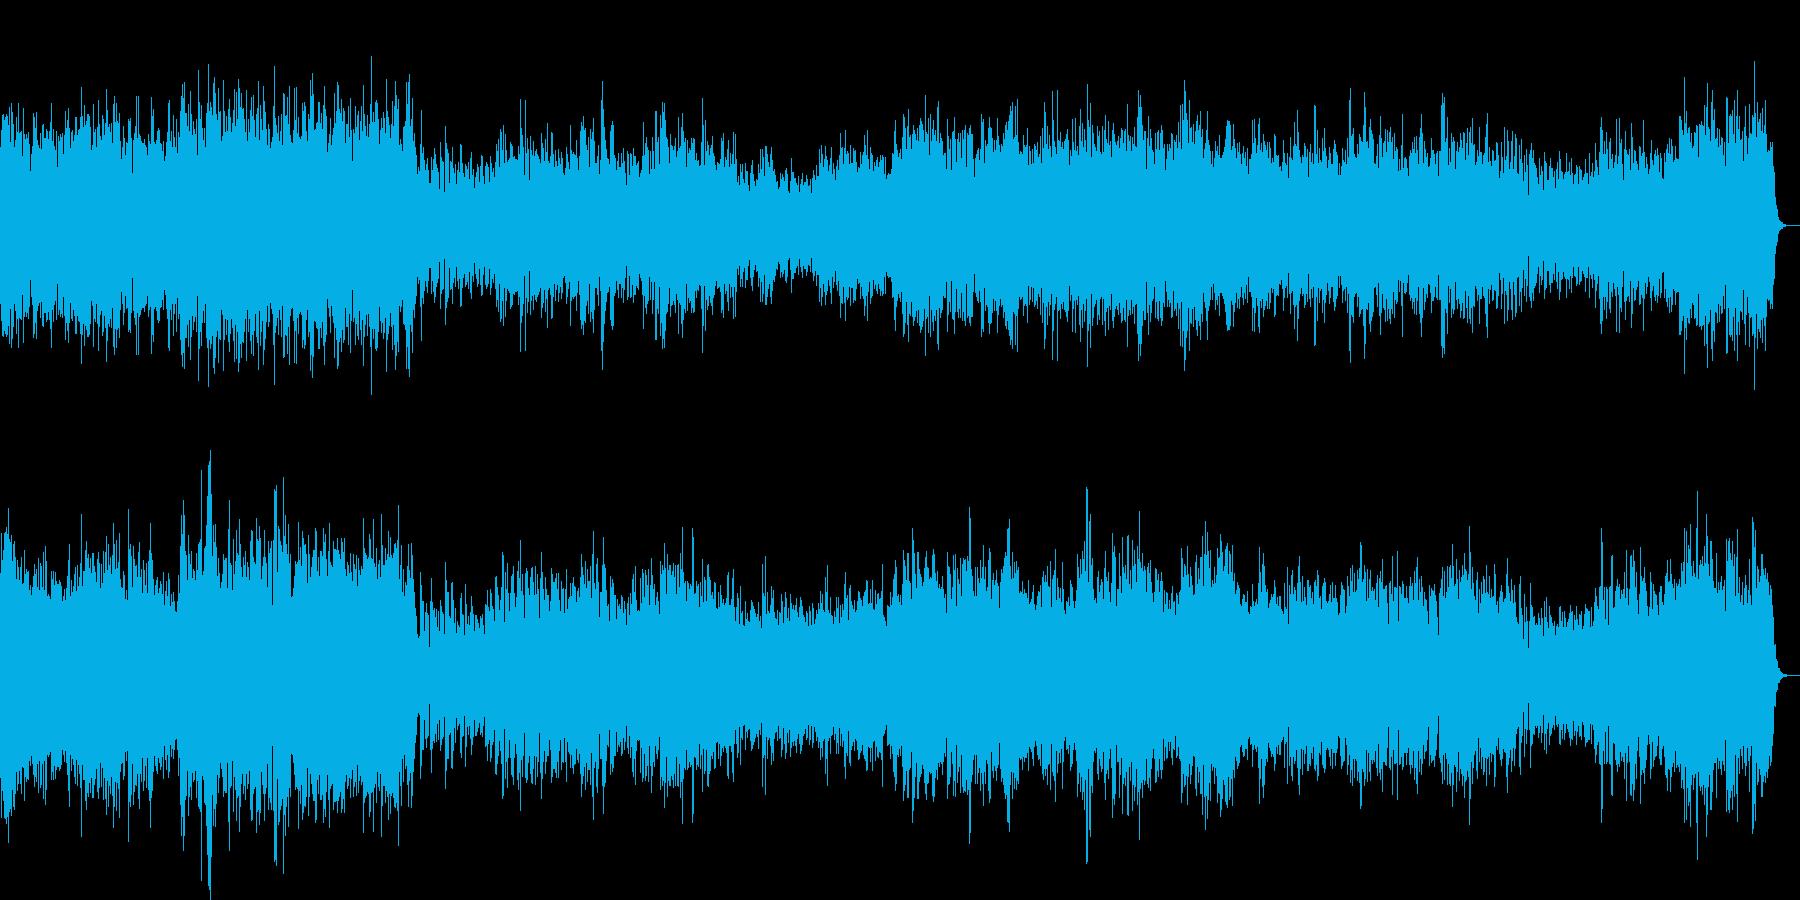 チェンバロの豪華な曲・1楽章(バッハ)の再生済みの波形